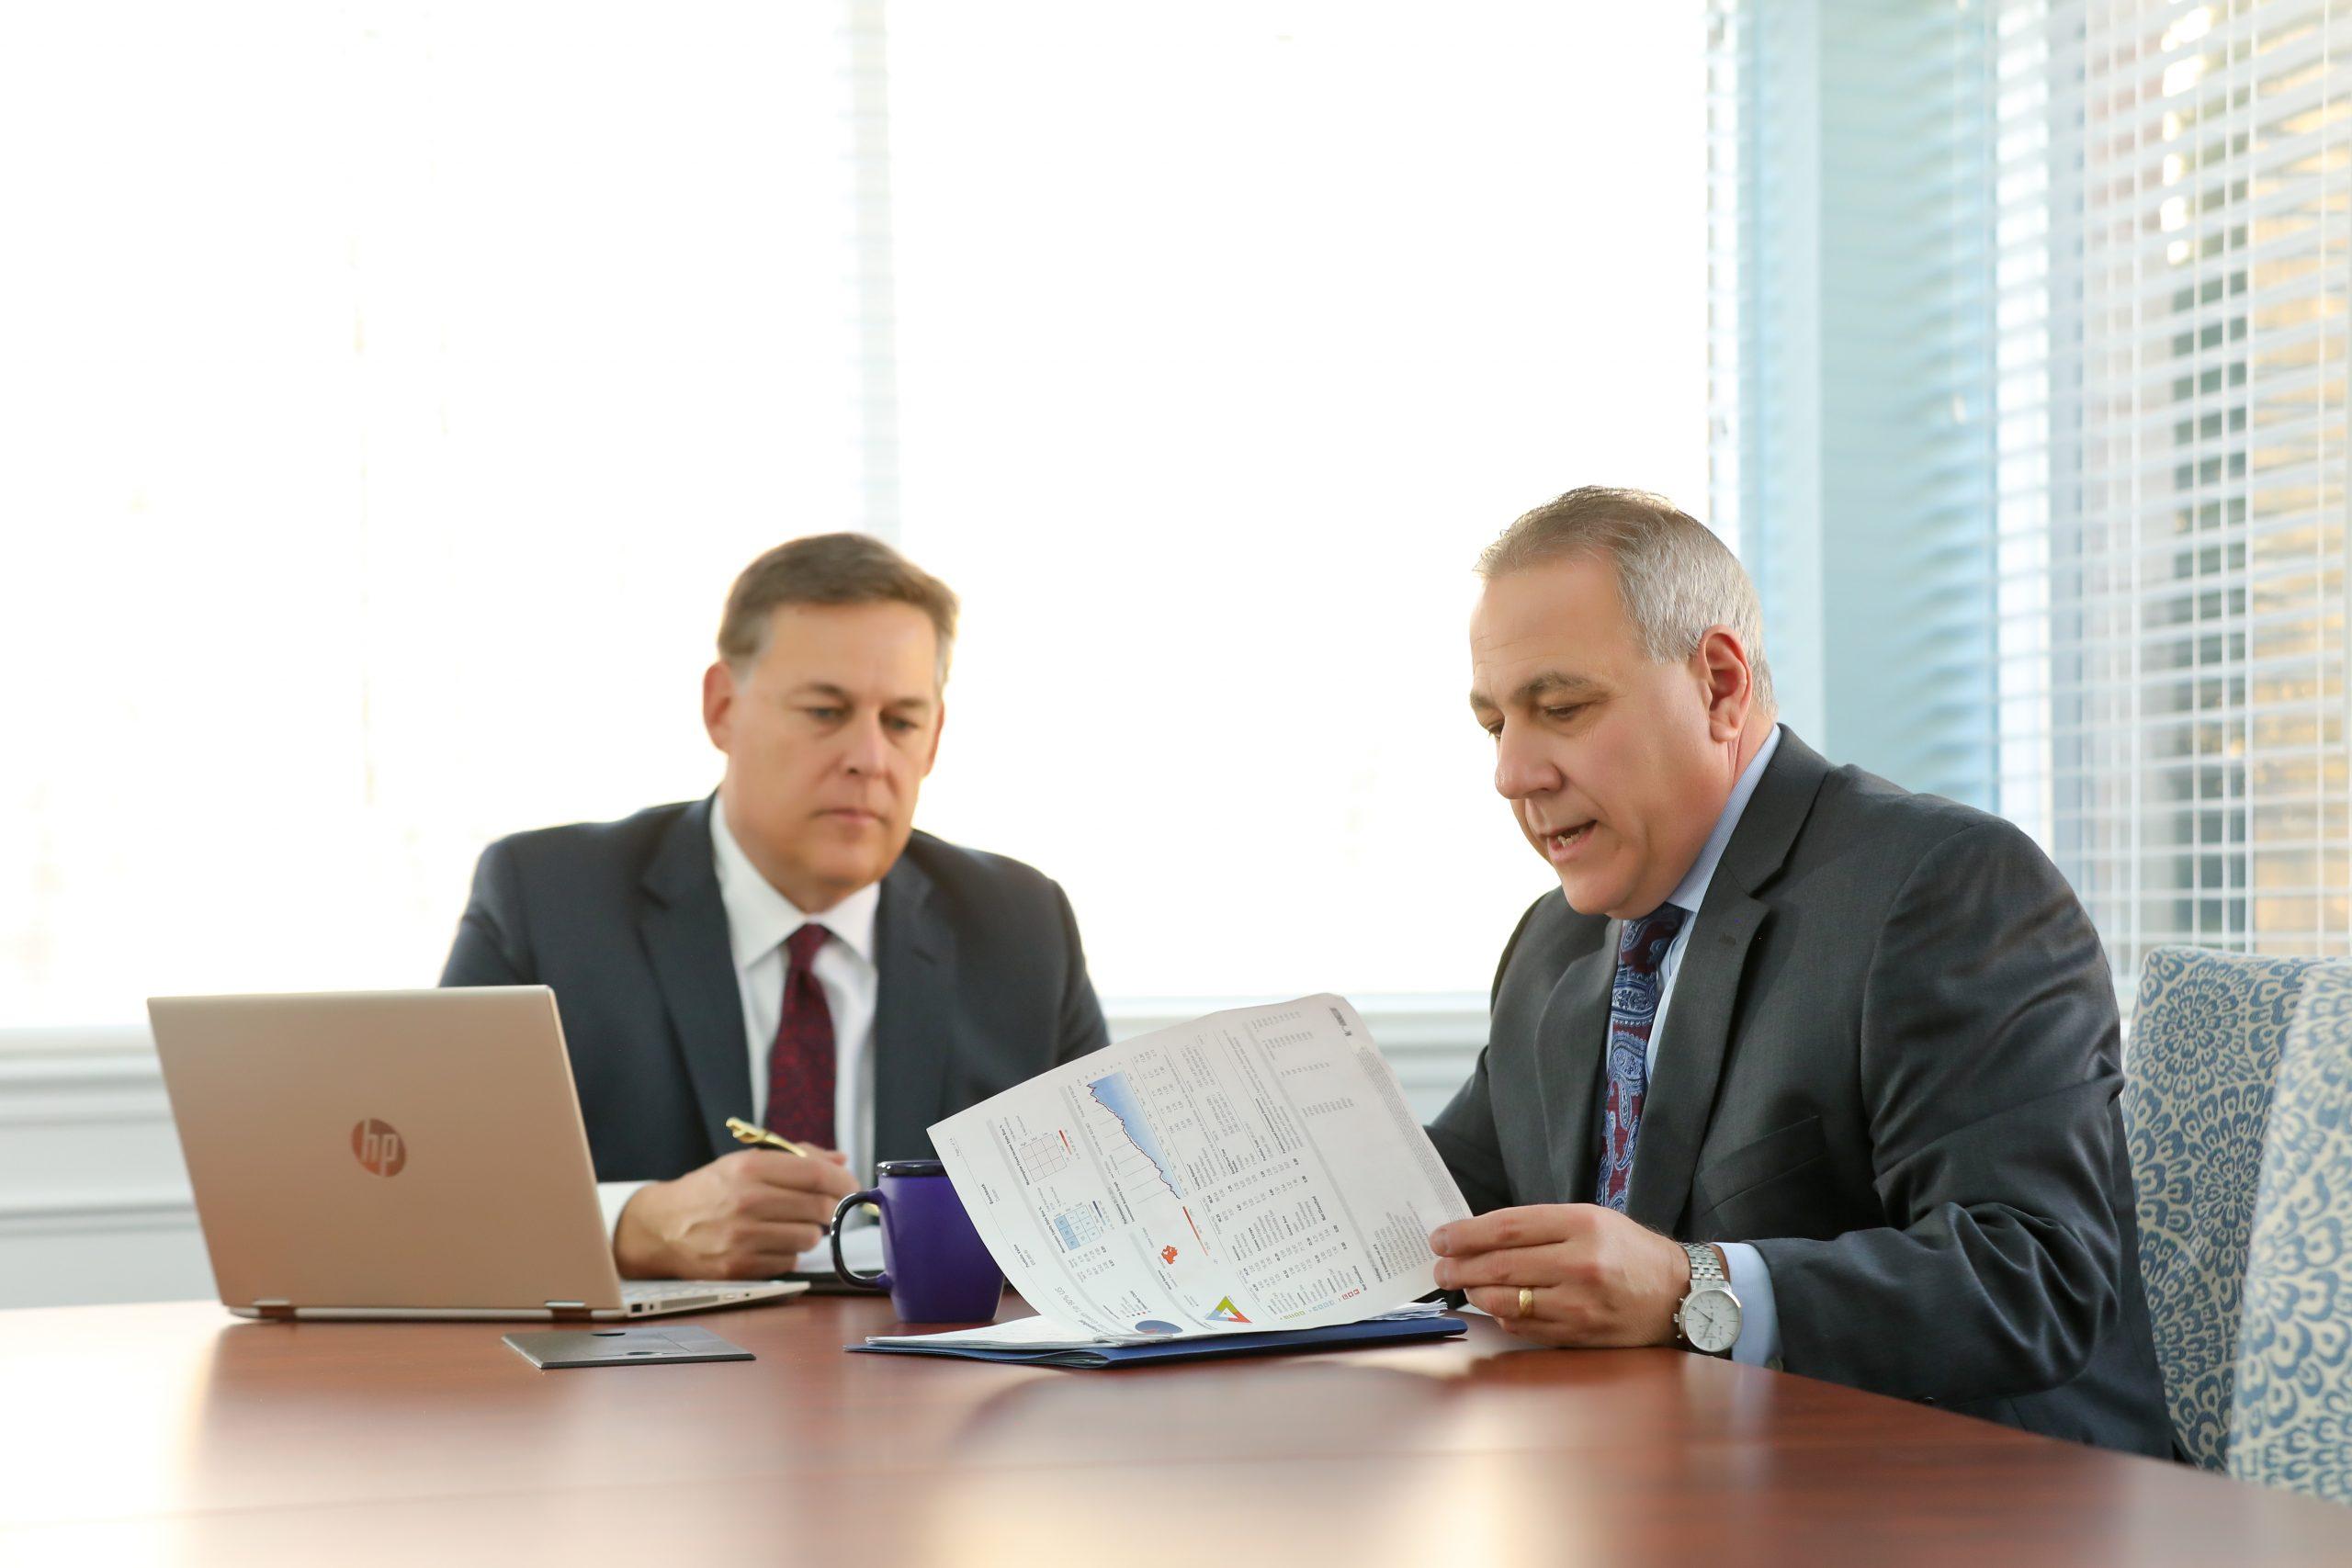 Meet Millstone Financial Group